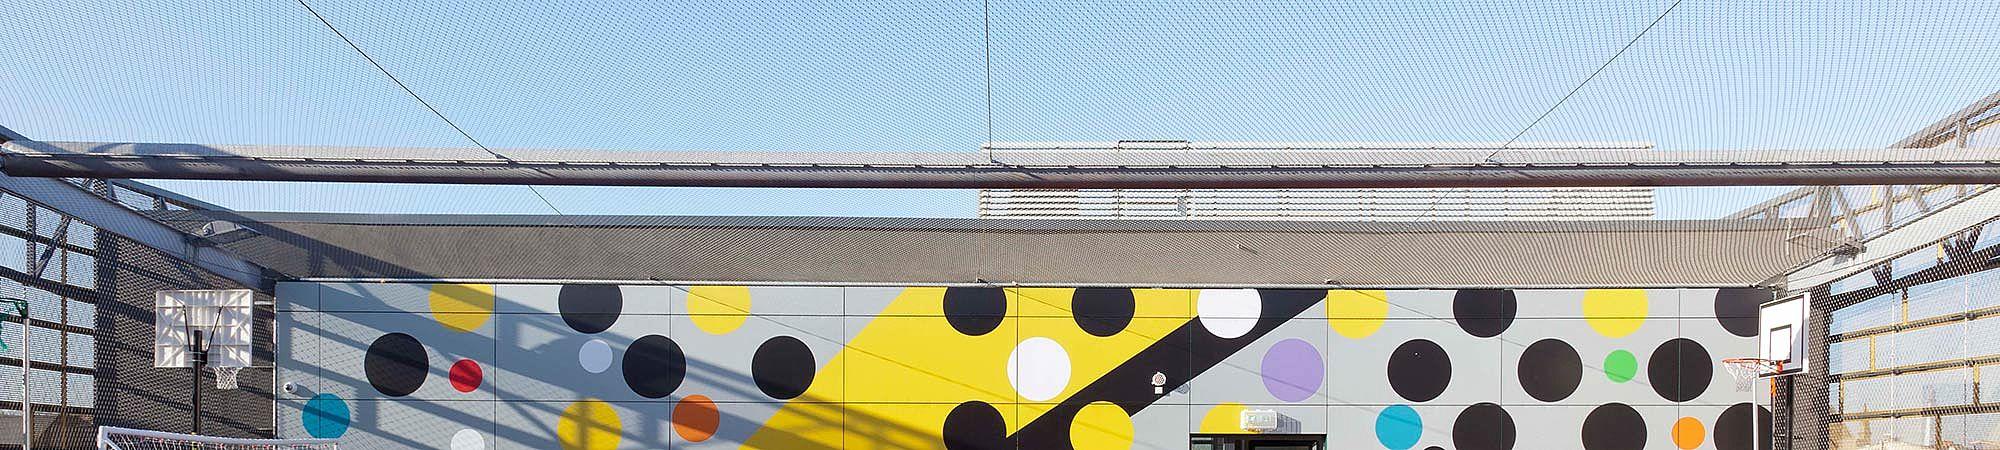 Horizontale Sicherung Ballfangnetz Schule X-TEND Edelstahl-Seilnetz